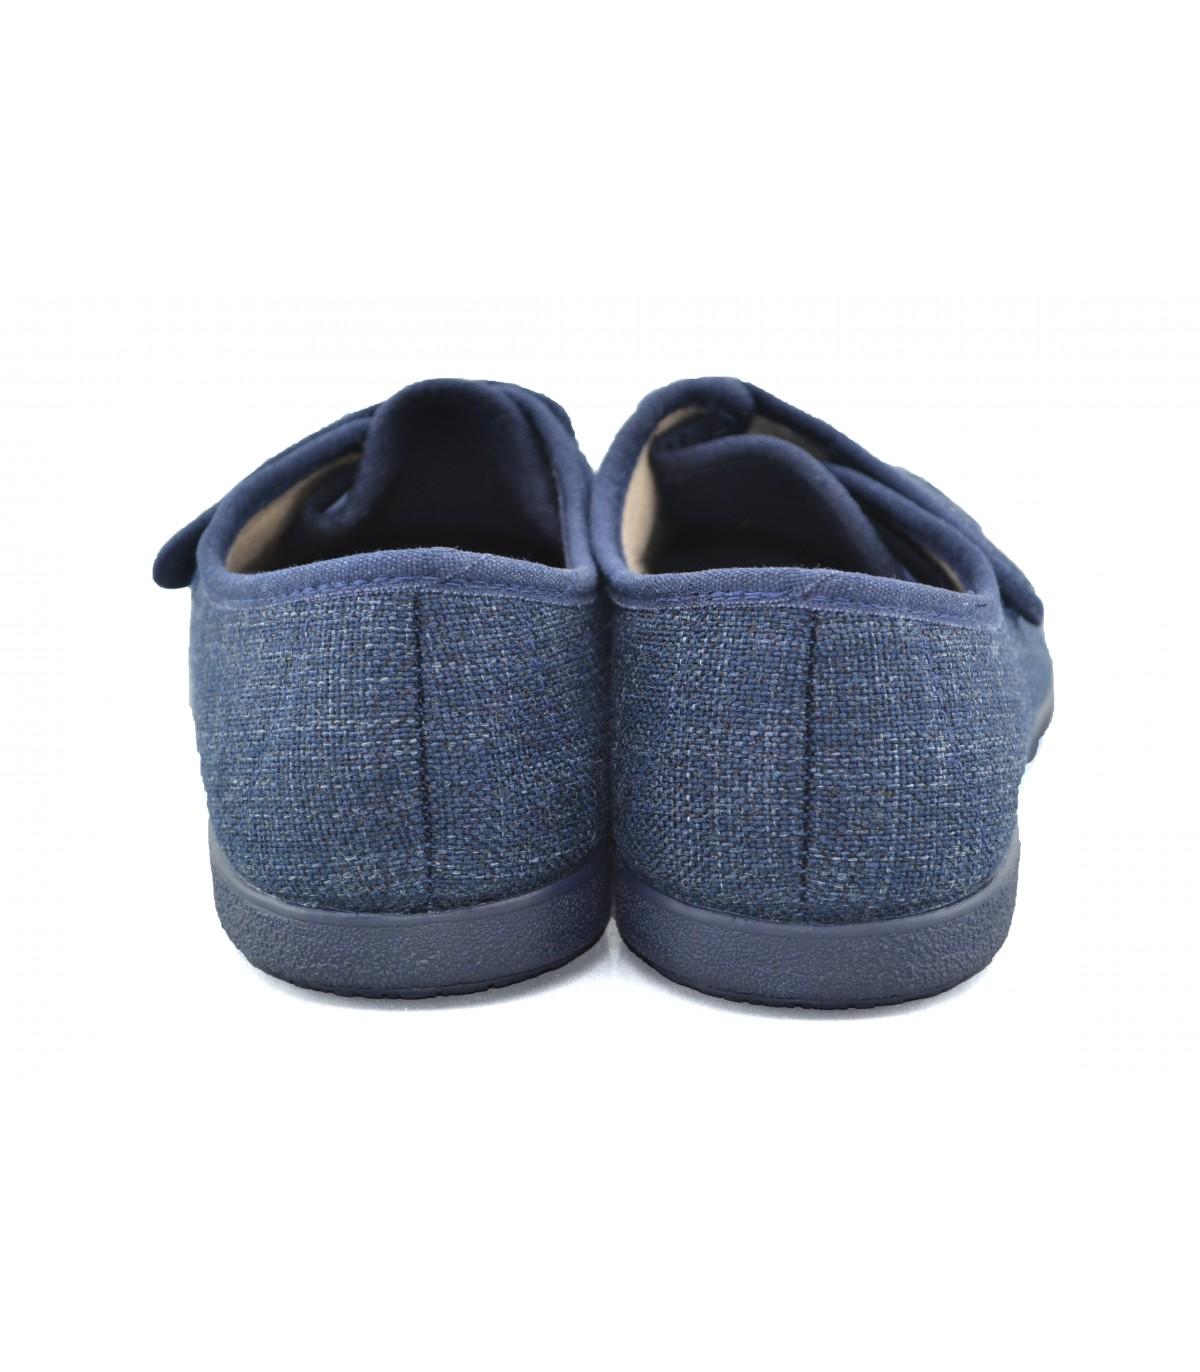 Garzón Zapatillas SacoZapatos Calzado Online Hombre KJ3FlTc1